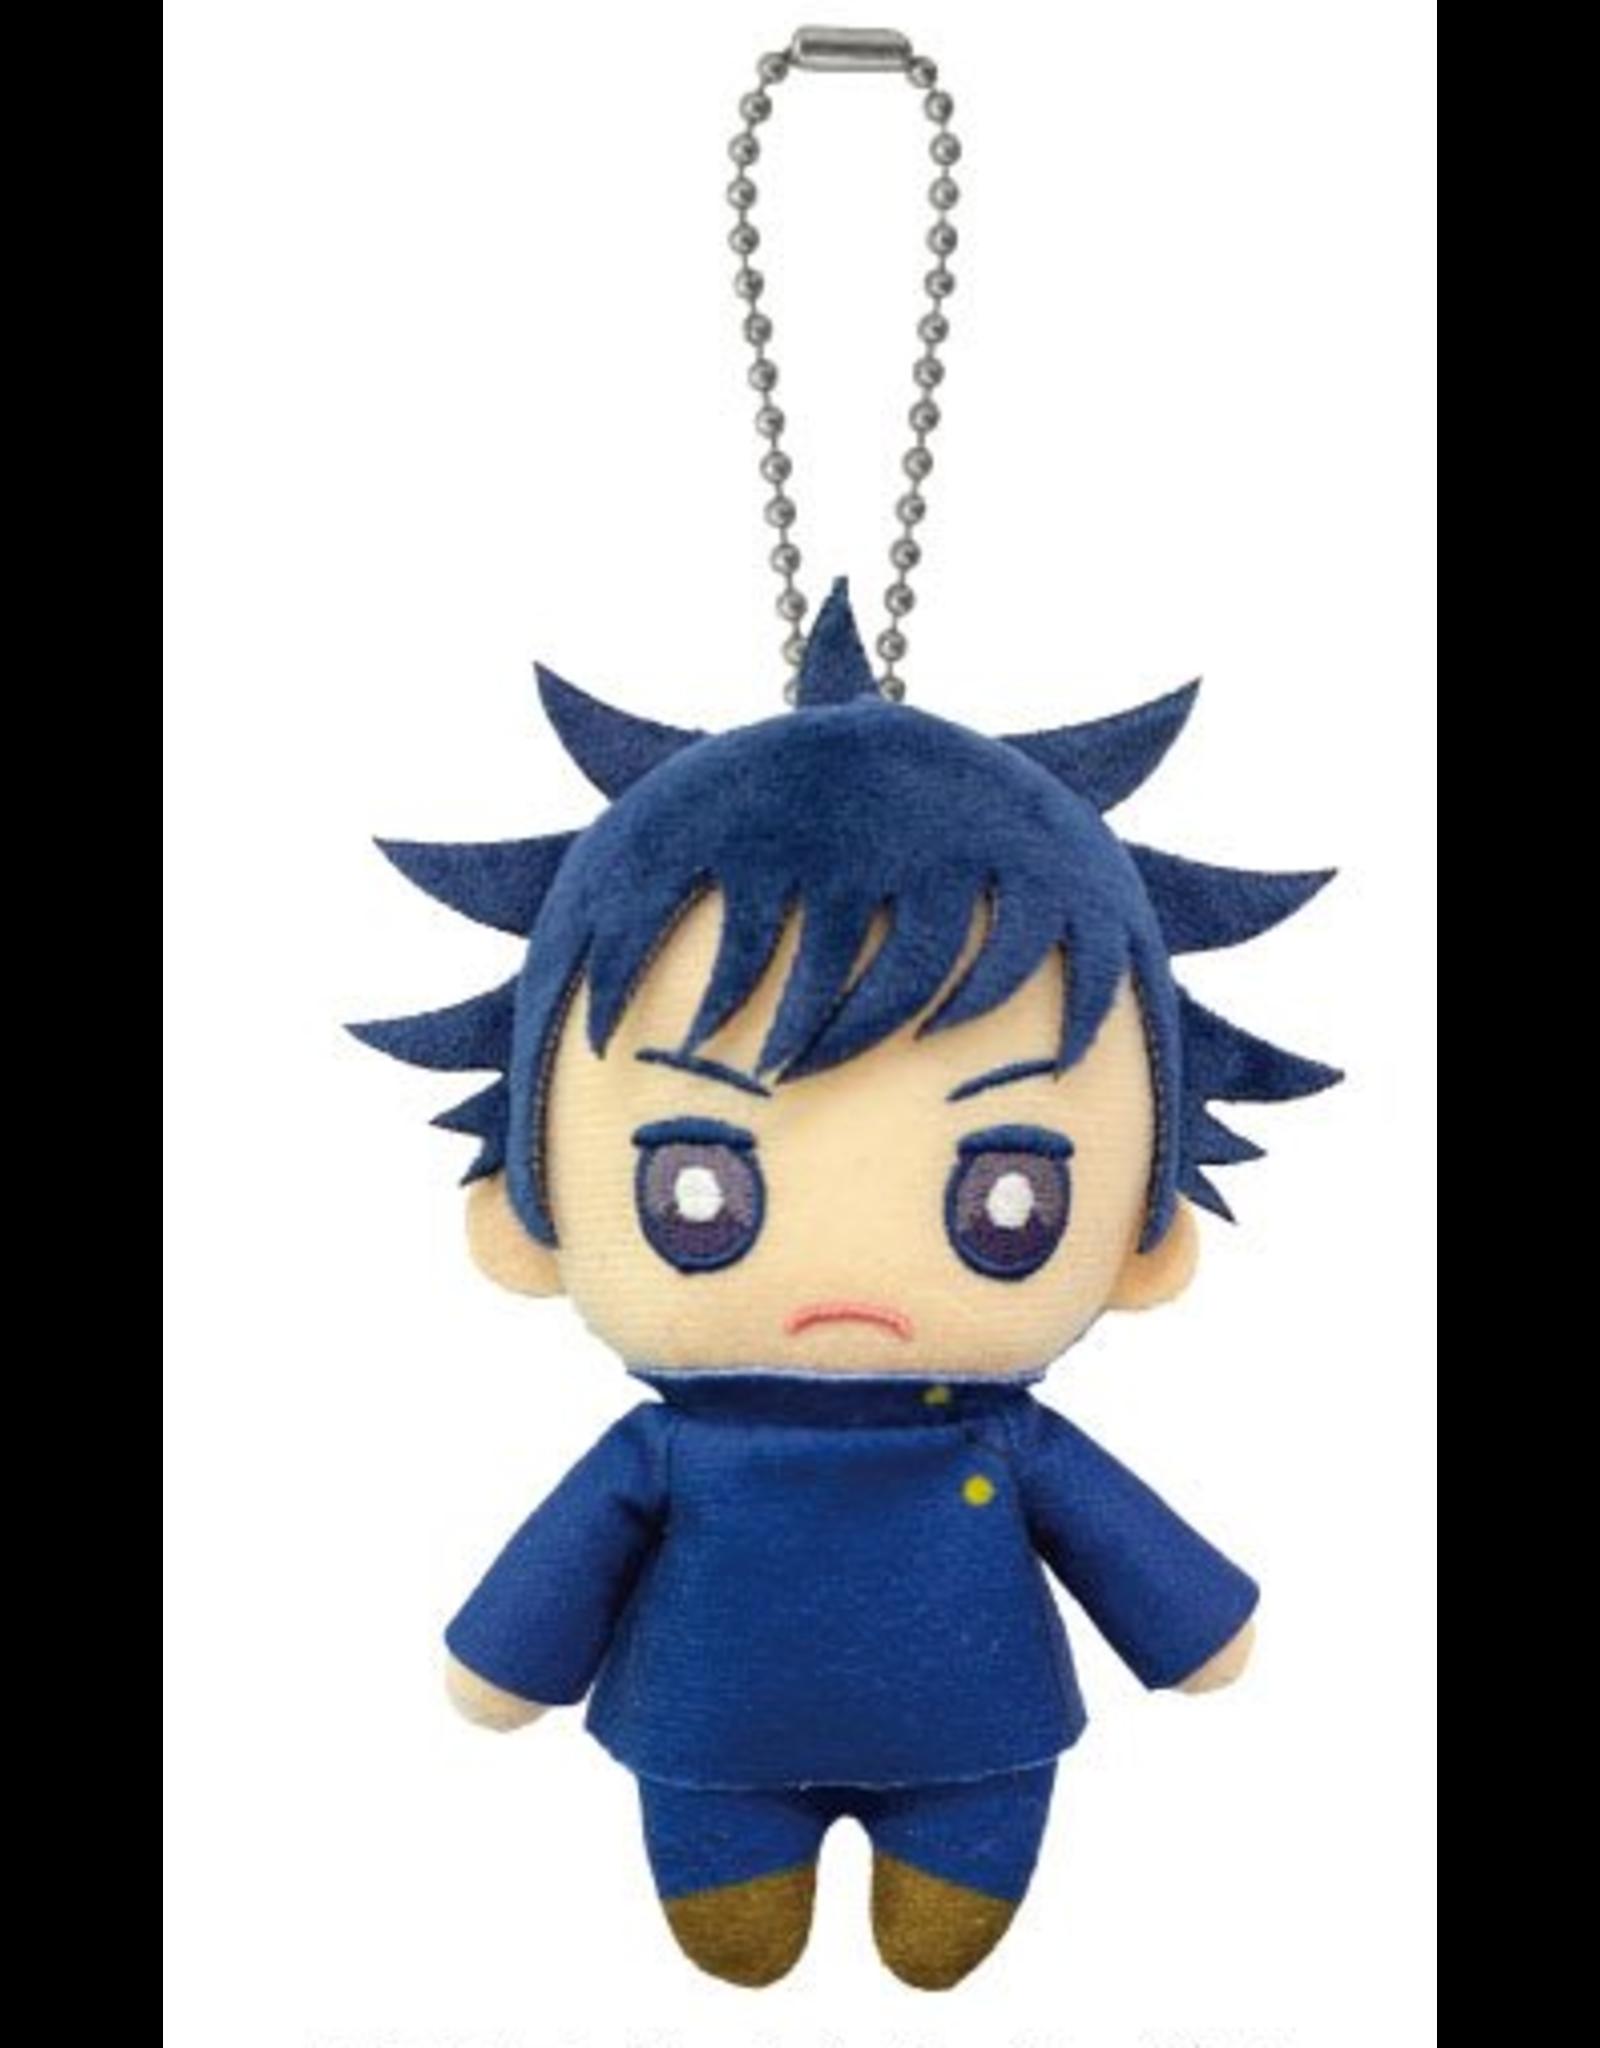 Jujutsu Kaisen - Megumi Fushiguro - Ball Chain Mascot Plush - 11 cm